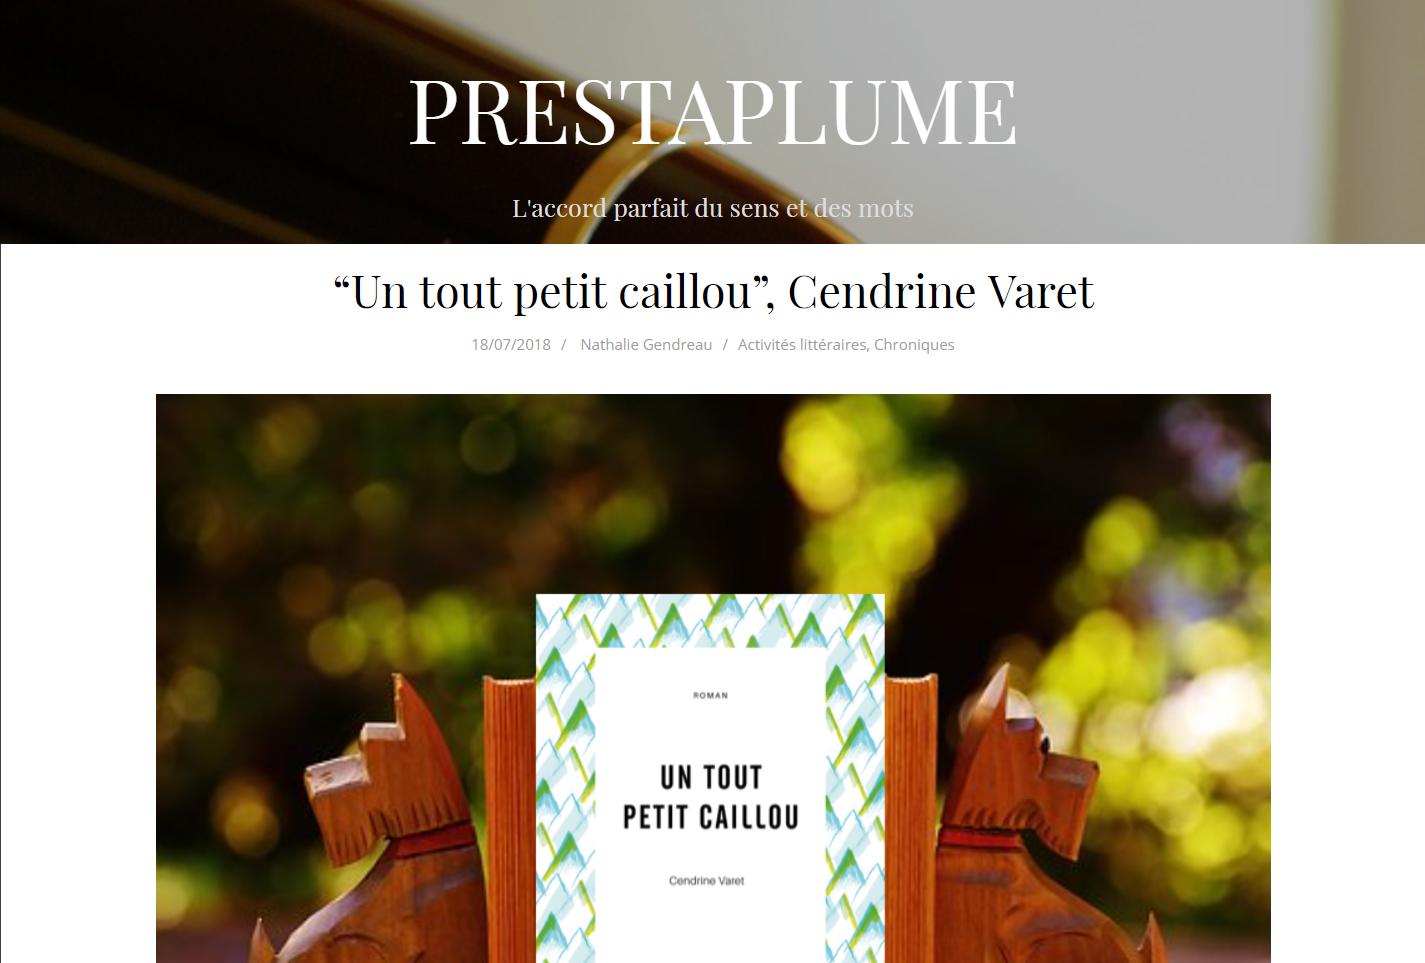 Prestaplume aime Un tout petit caillou, de Cendrine Varet